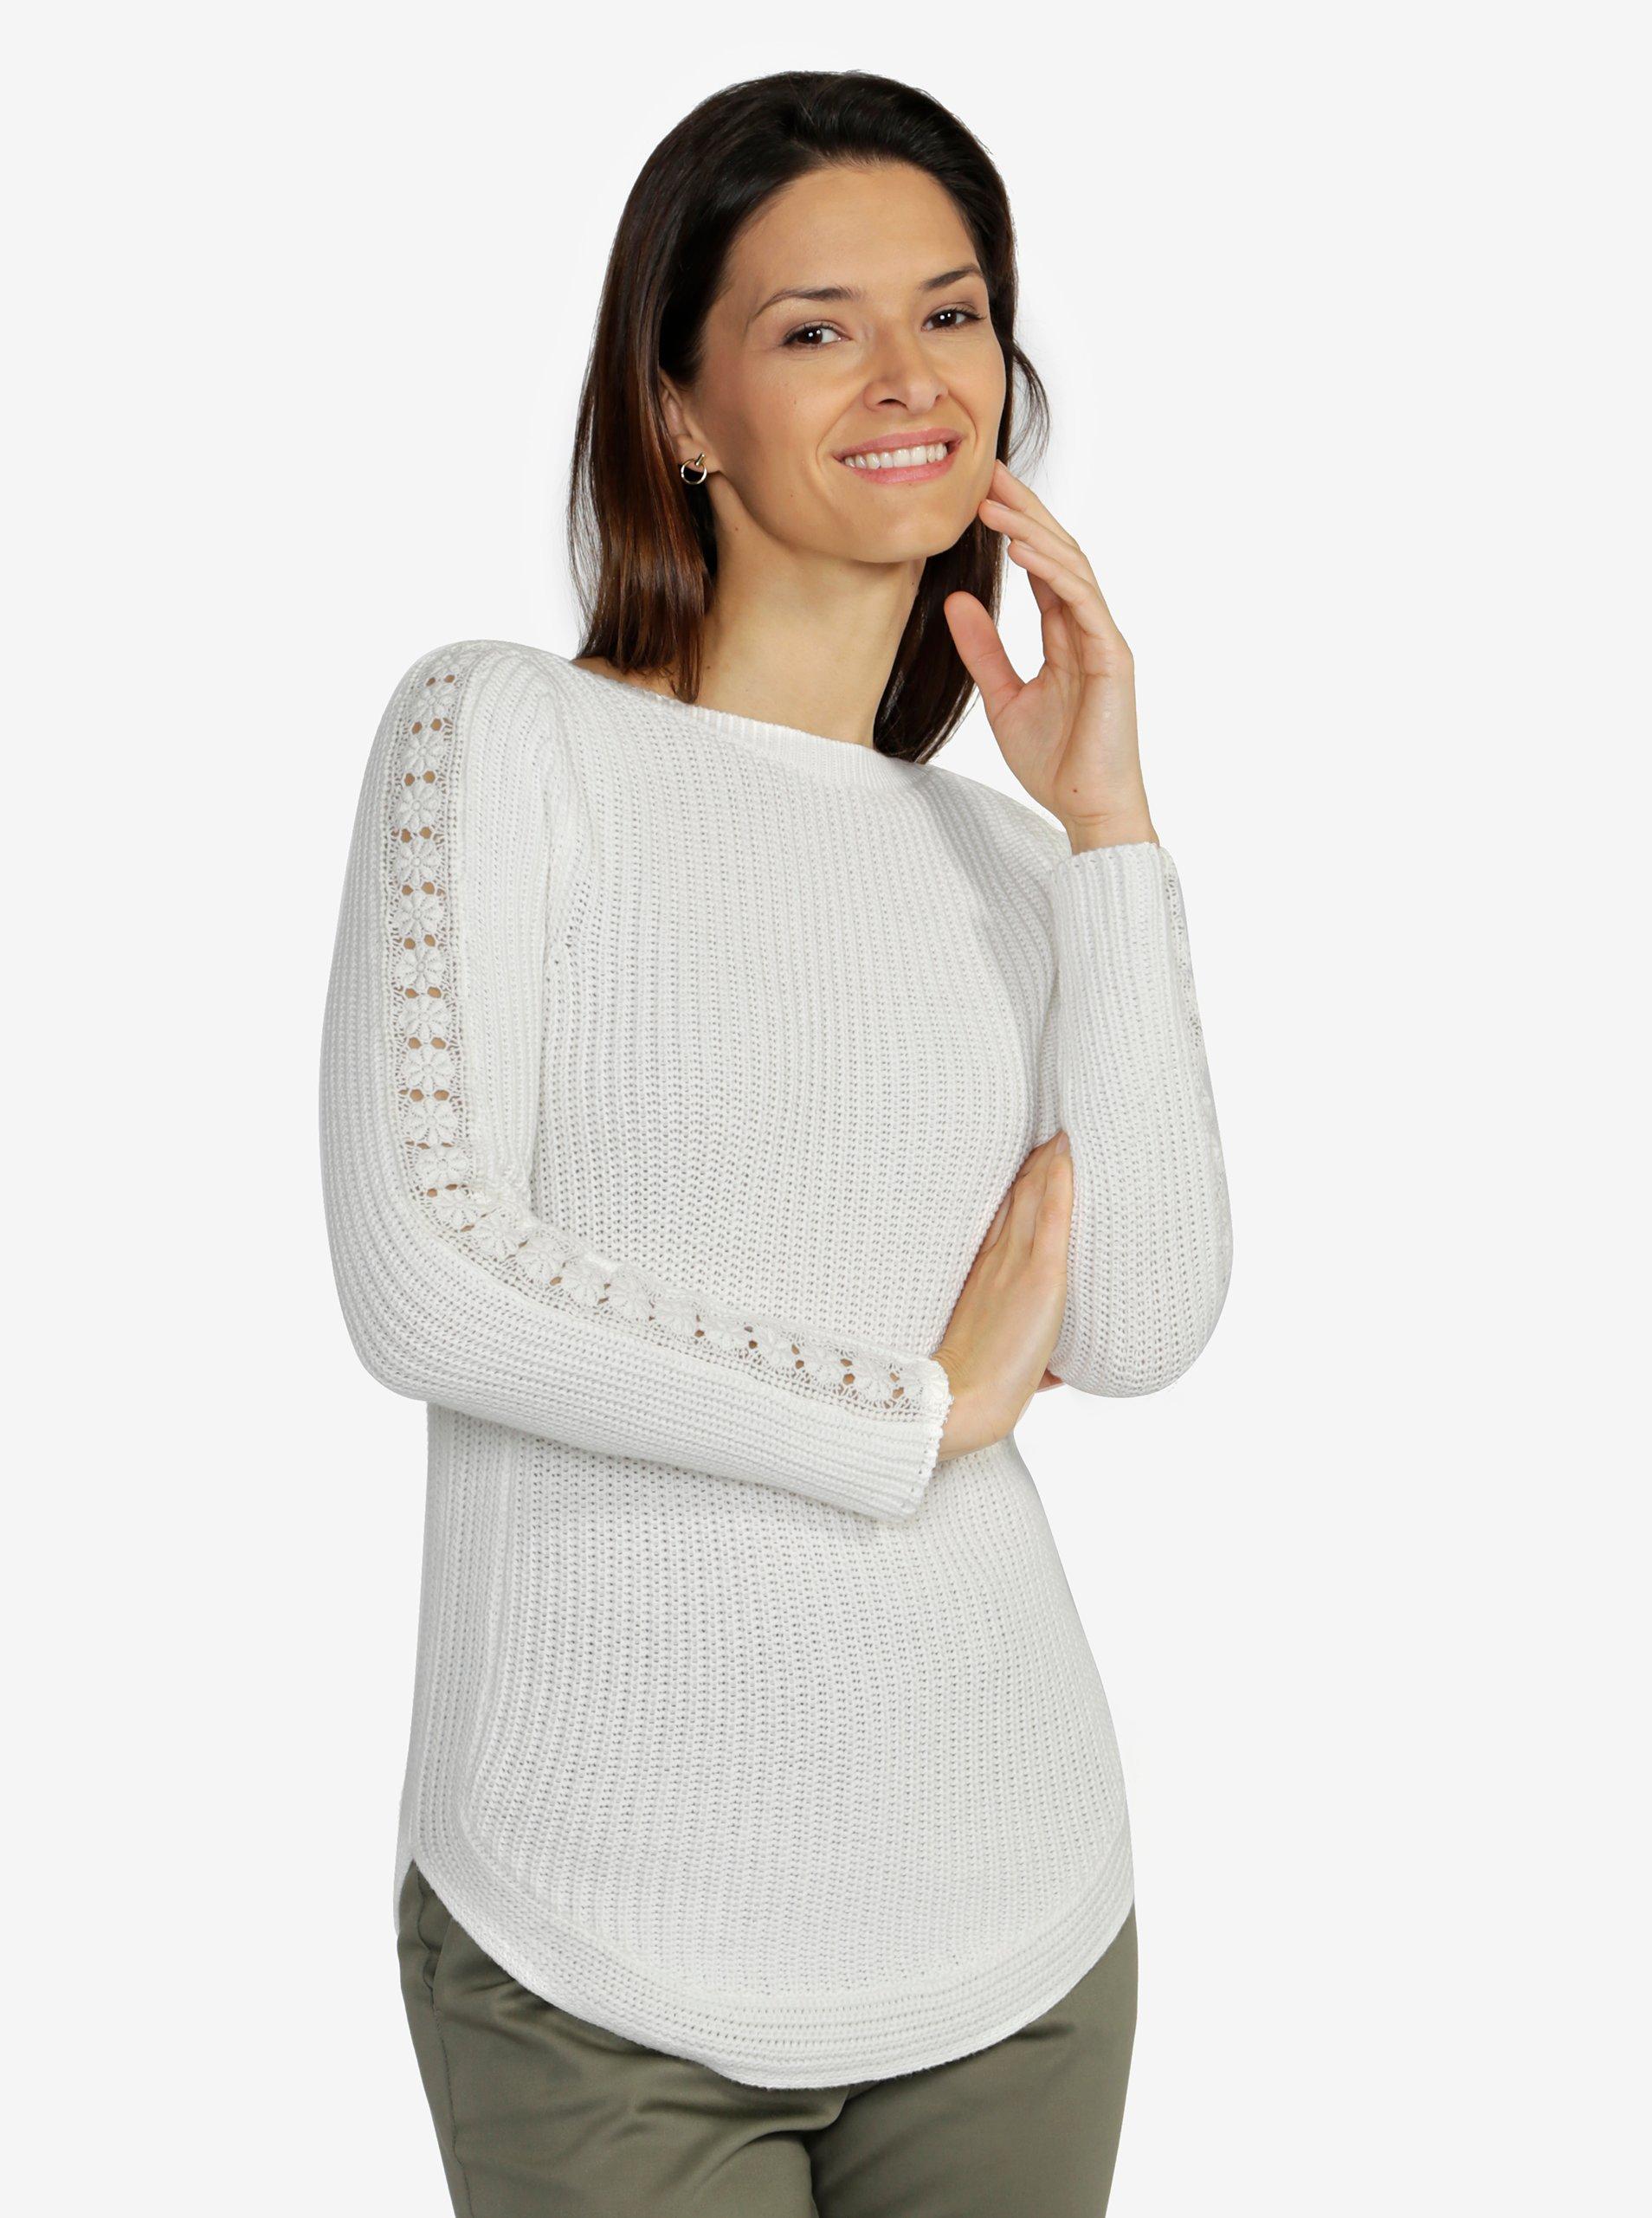 6f035583cbb1 Krémový dámsky sveter s čipkou na rukávoch M Co